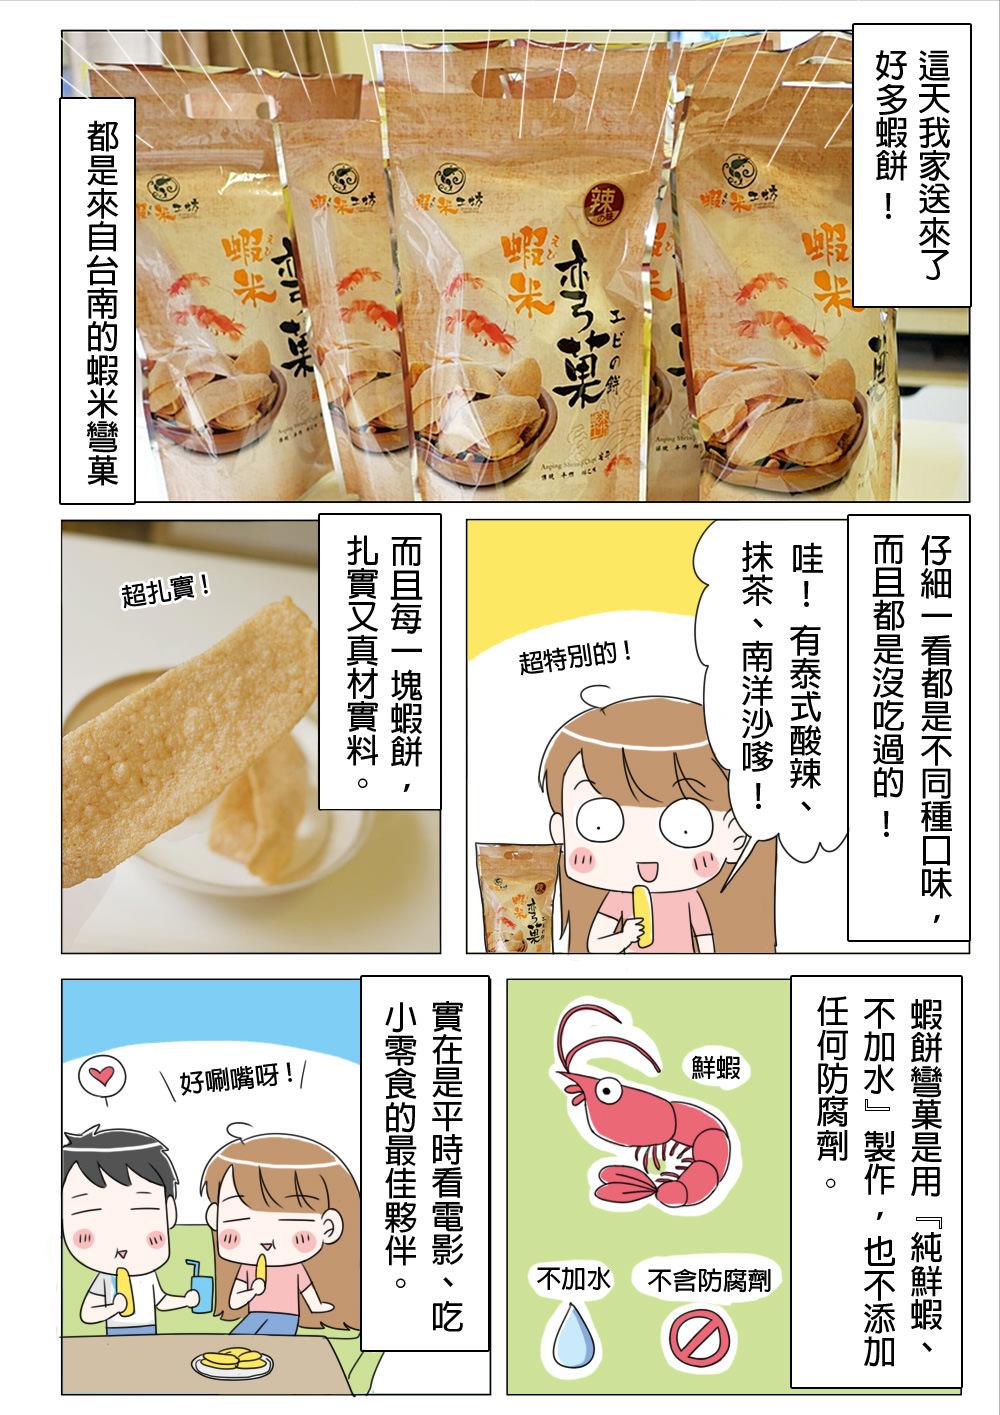 台南 團購 美食 蝦米工坊  純鮮蝦 無油感 大人小孩都能安心食用